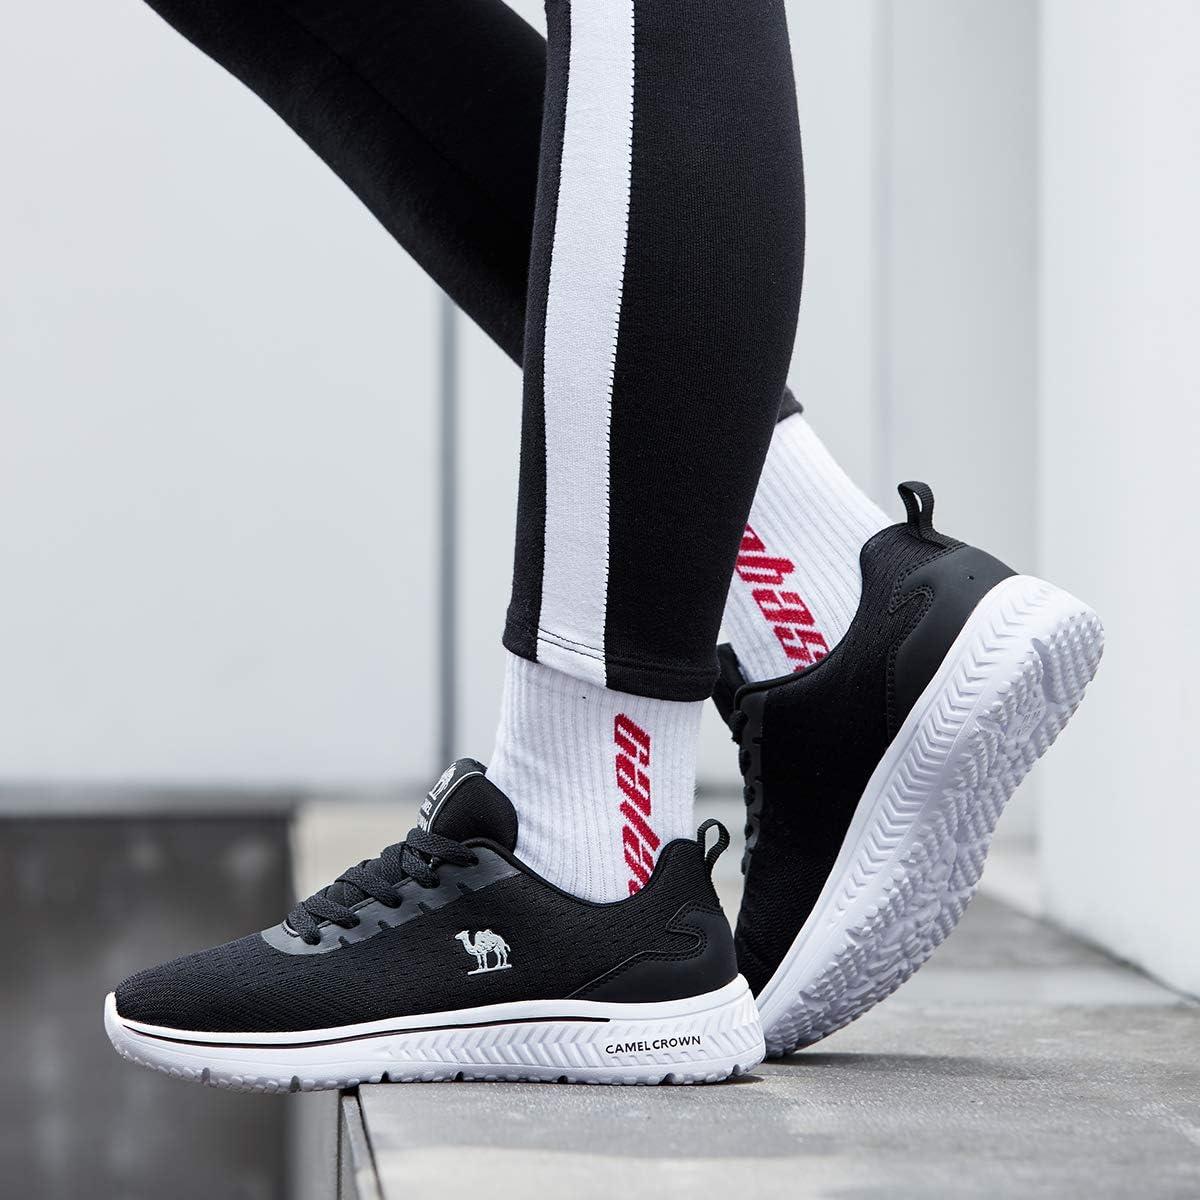 CAMEL CROWN Mujer Ligero Zapatillas Moda Zapatillas de Deporte para Mujer Zapatos para Caminar